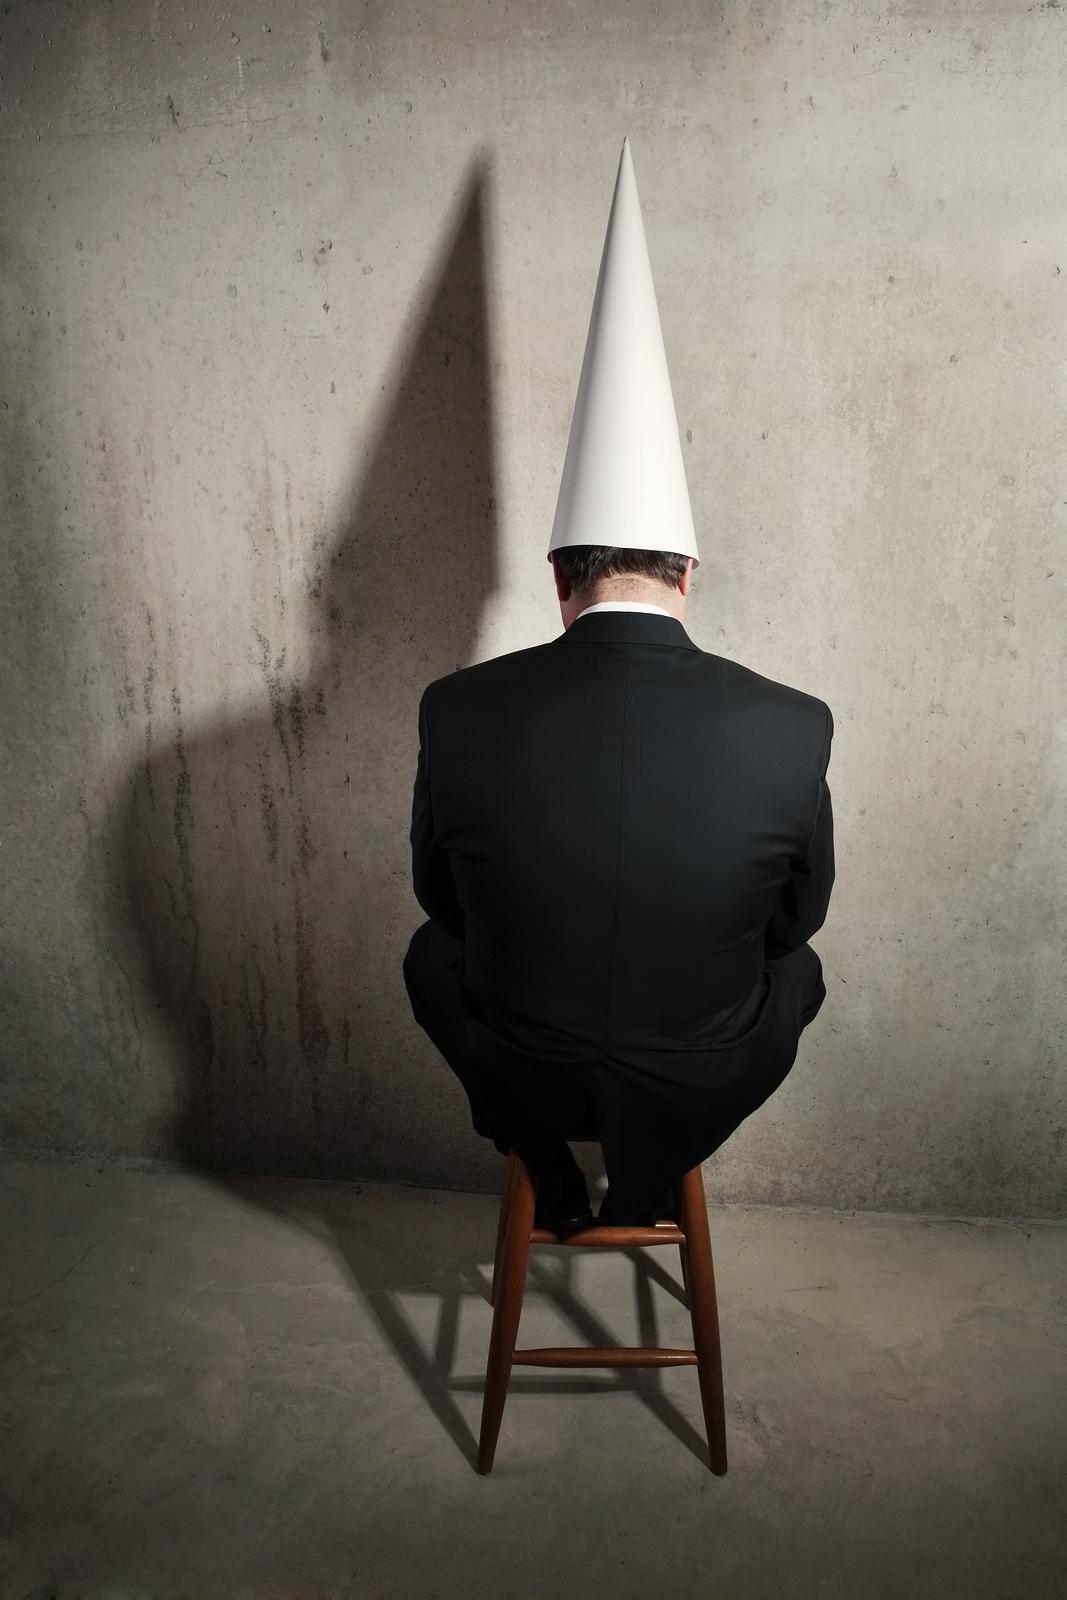 Businessman-wearing-a-dunce-c-16442645.jpg